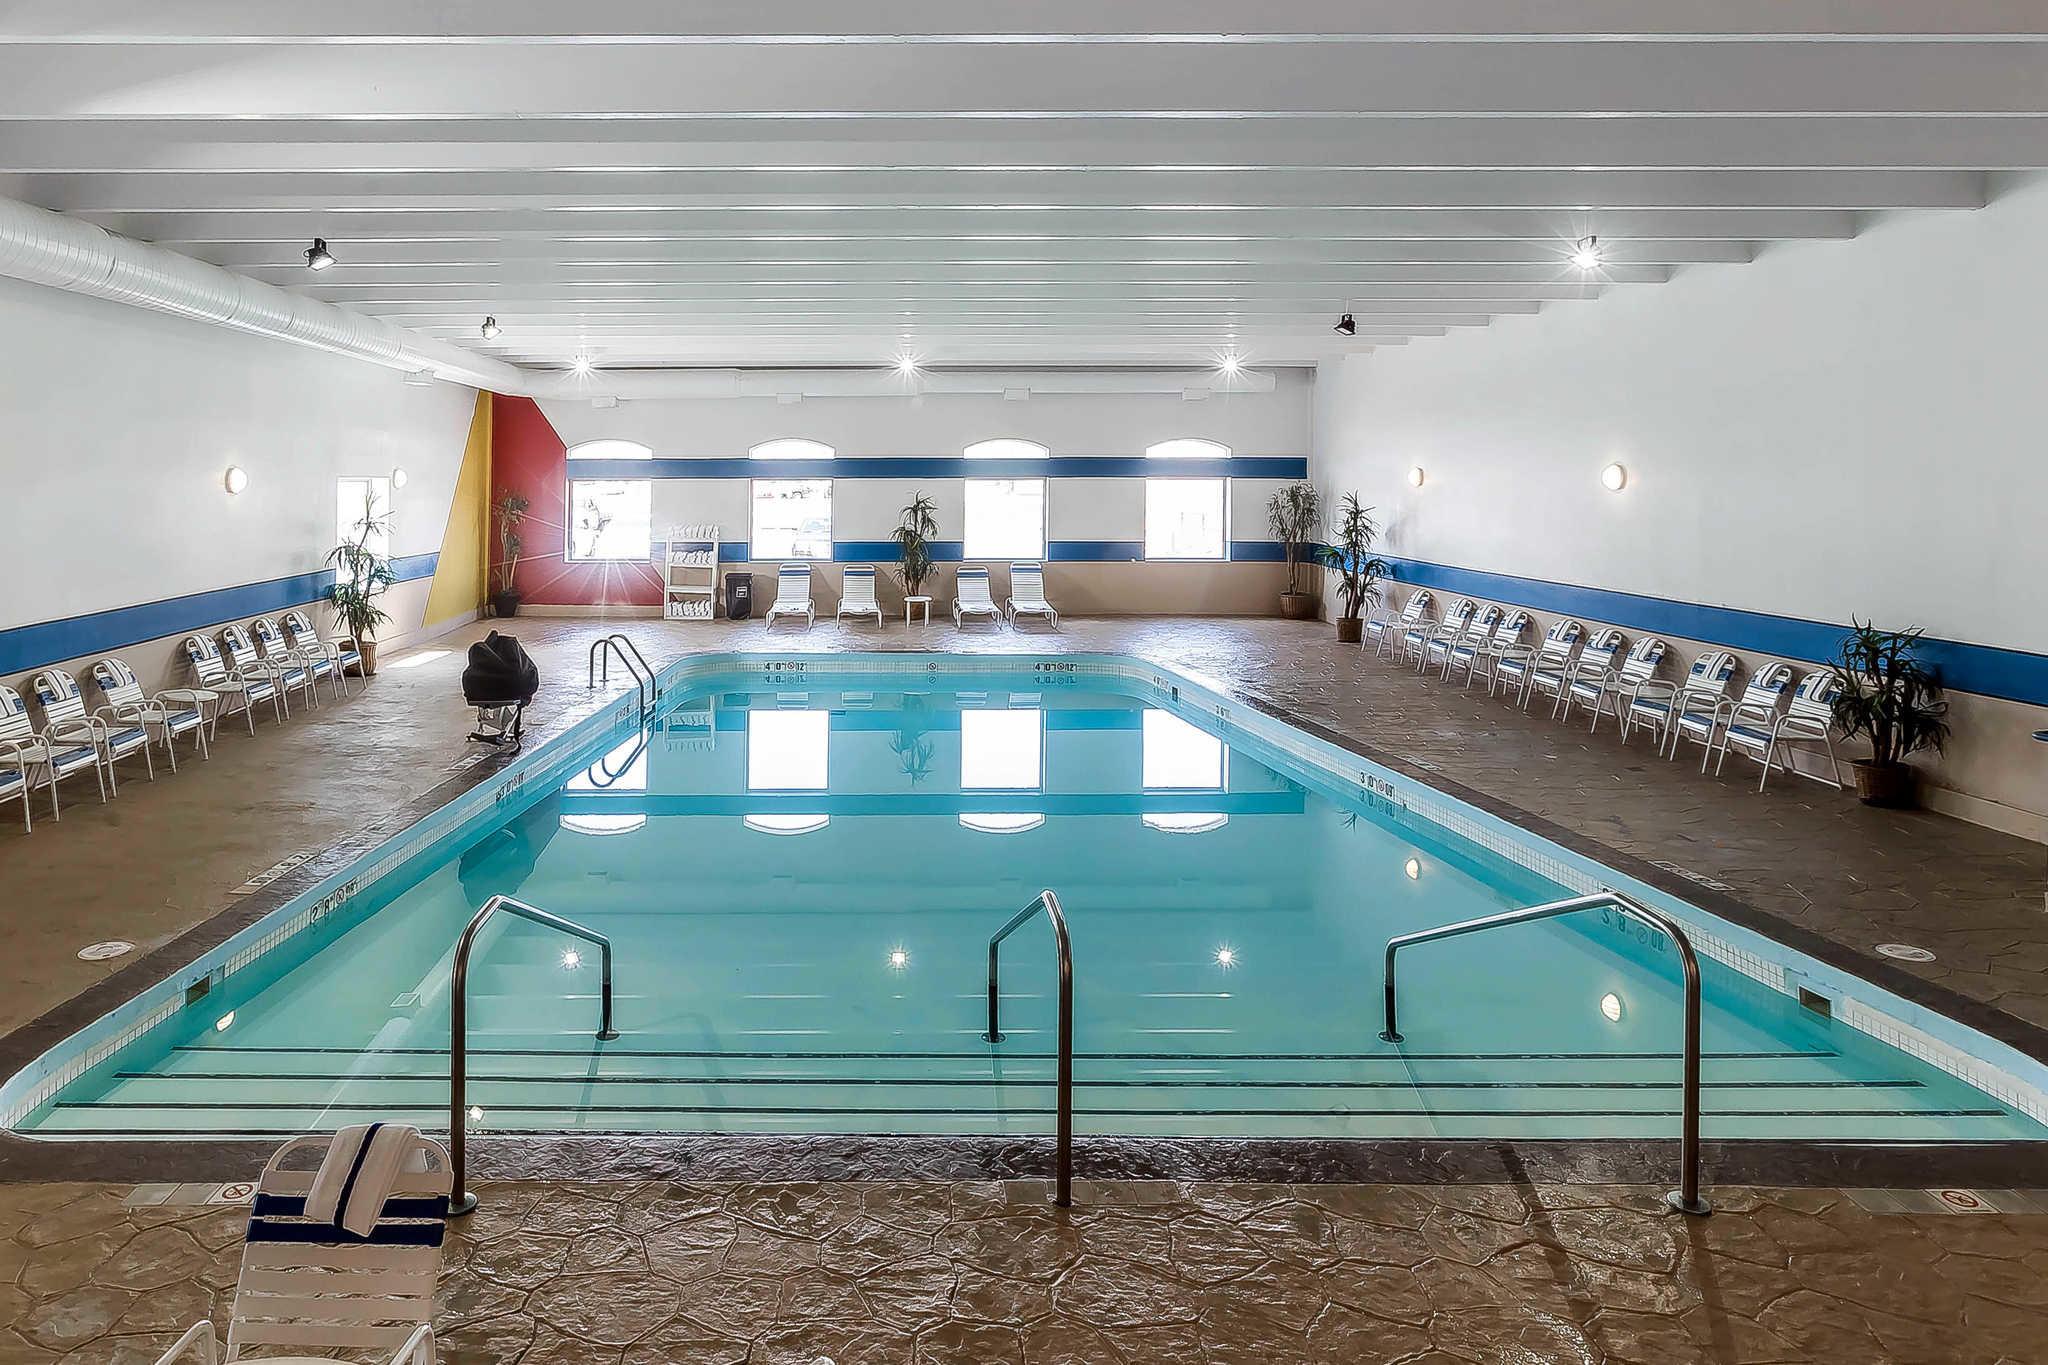 Comfort Inn Suites Event Center Hotel Des Moines Ia 50309